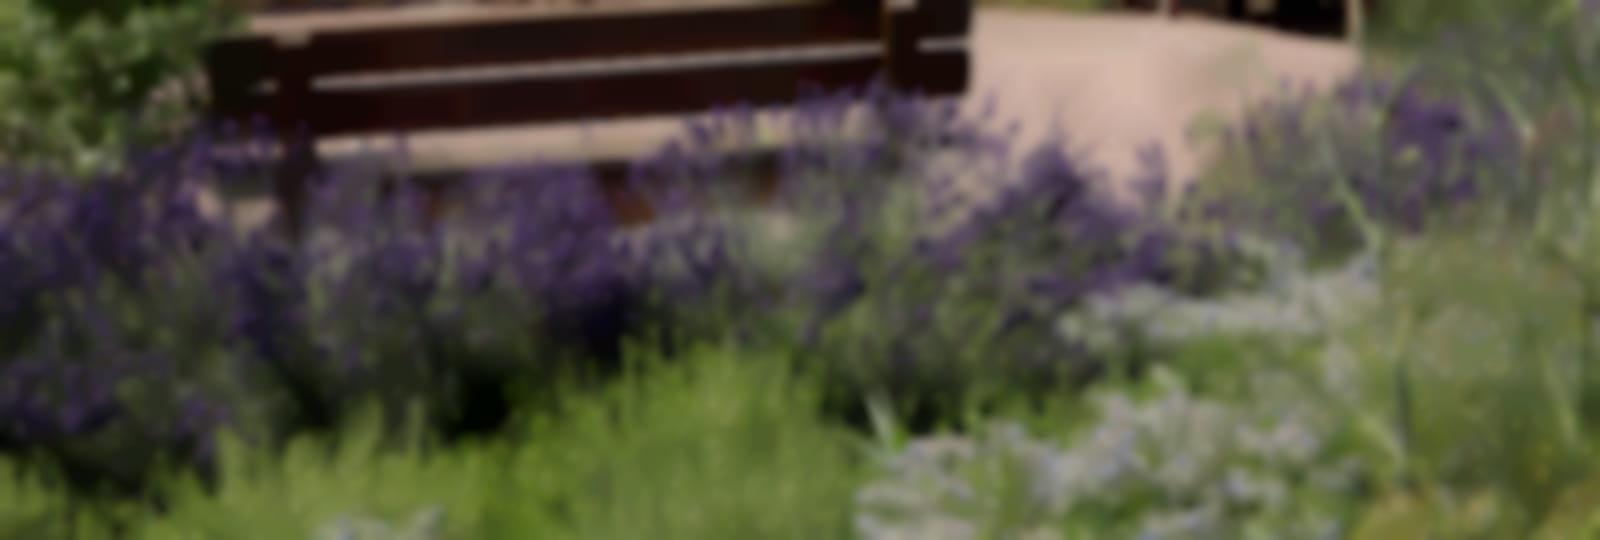 Jardins thématiques de l'abbaye de Thiron-Gardais